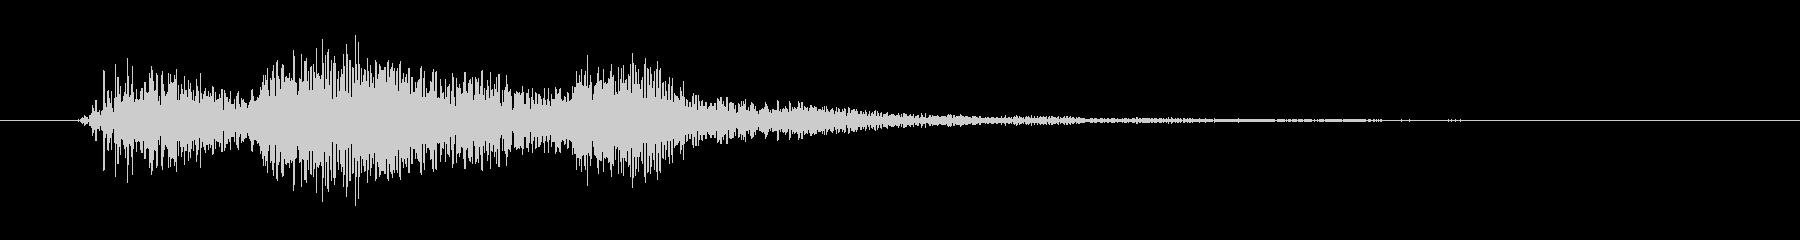 オーケストラ ジングルブラスとスト...の未再生の波形